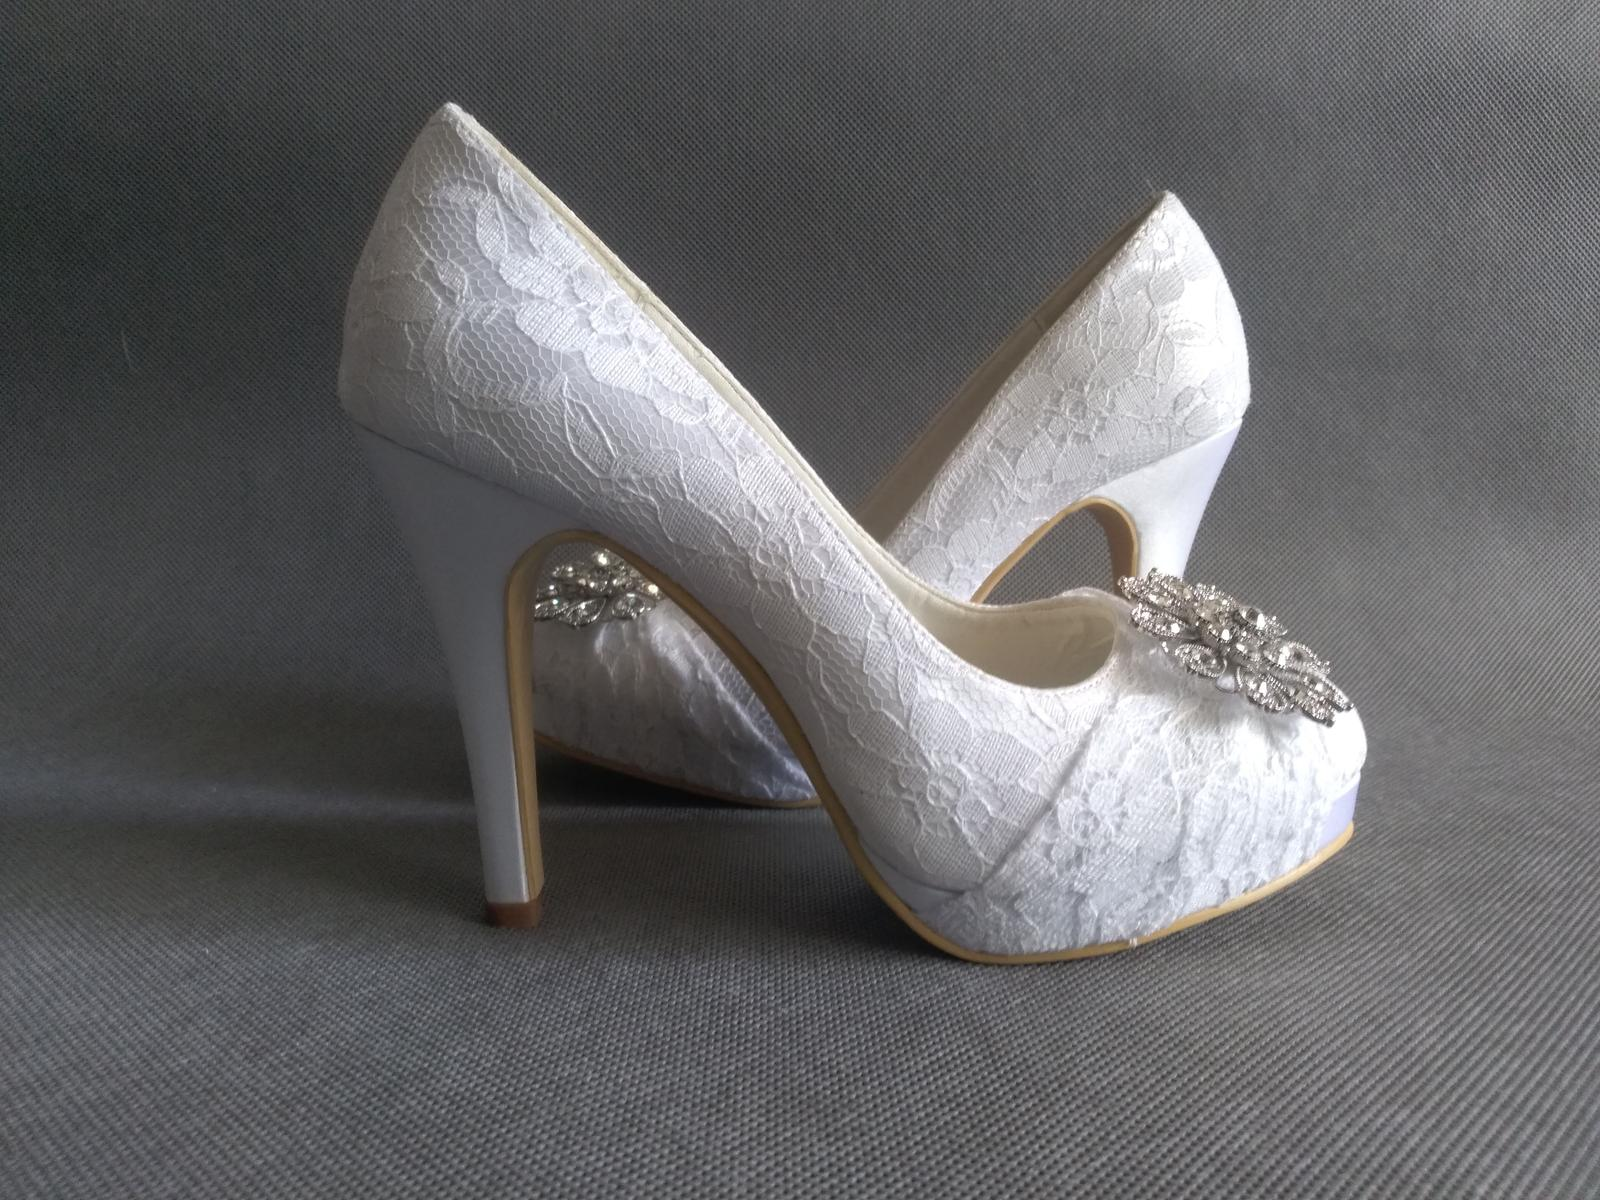 SKLADEM - bílé krajkové svatební lodičky - Obrázek č. 1